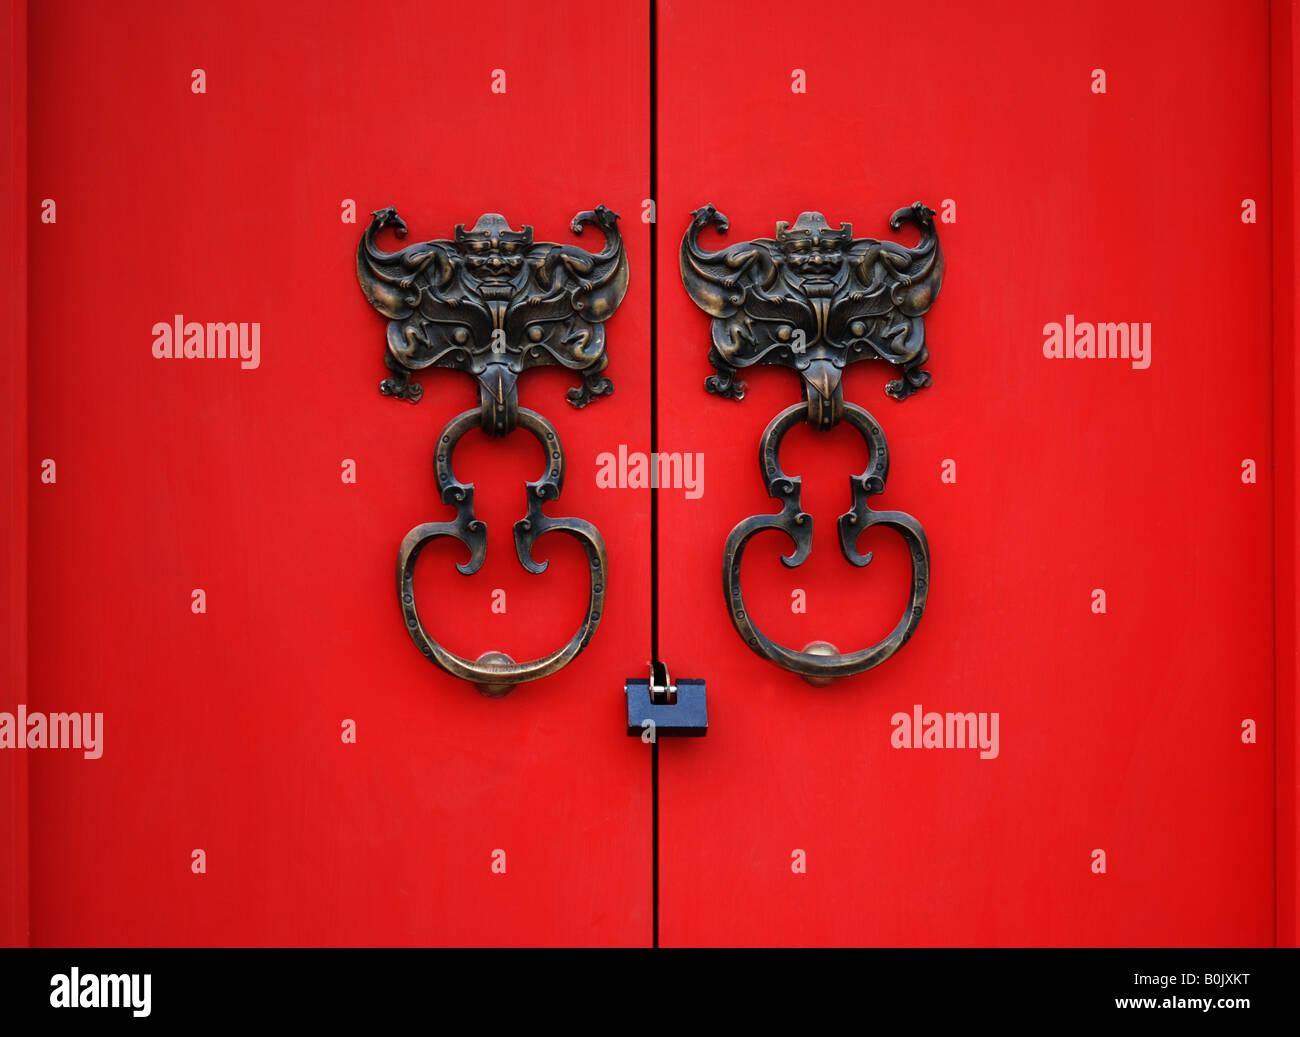 Bat knocker on red door in Beijing,China - Stock Image